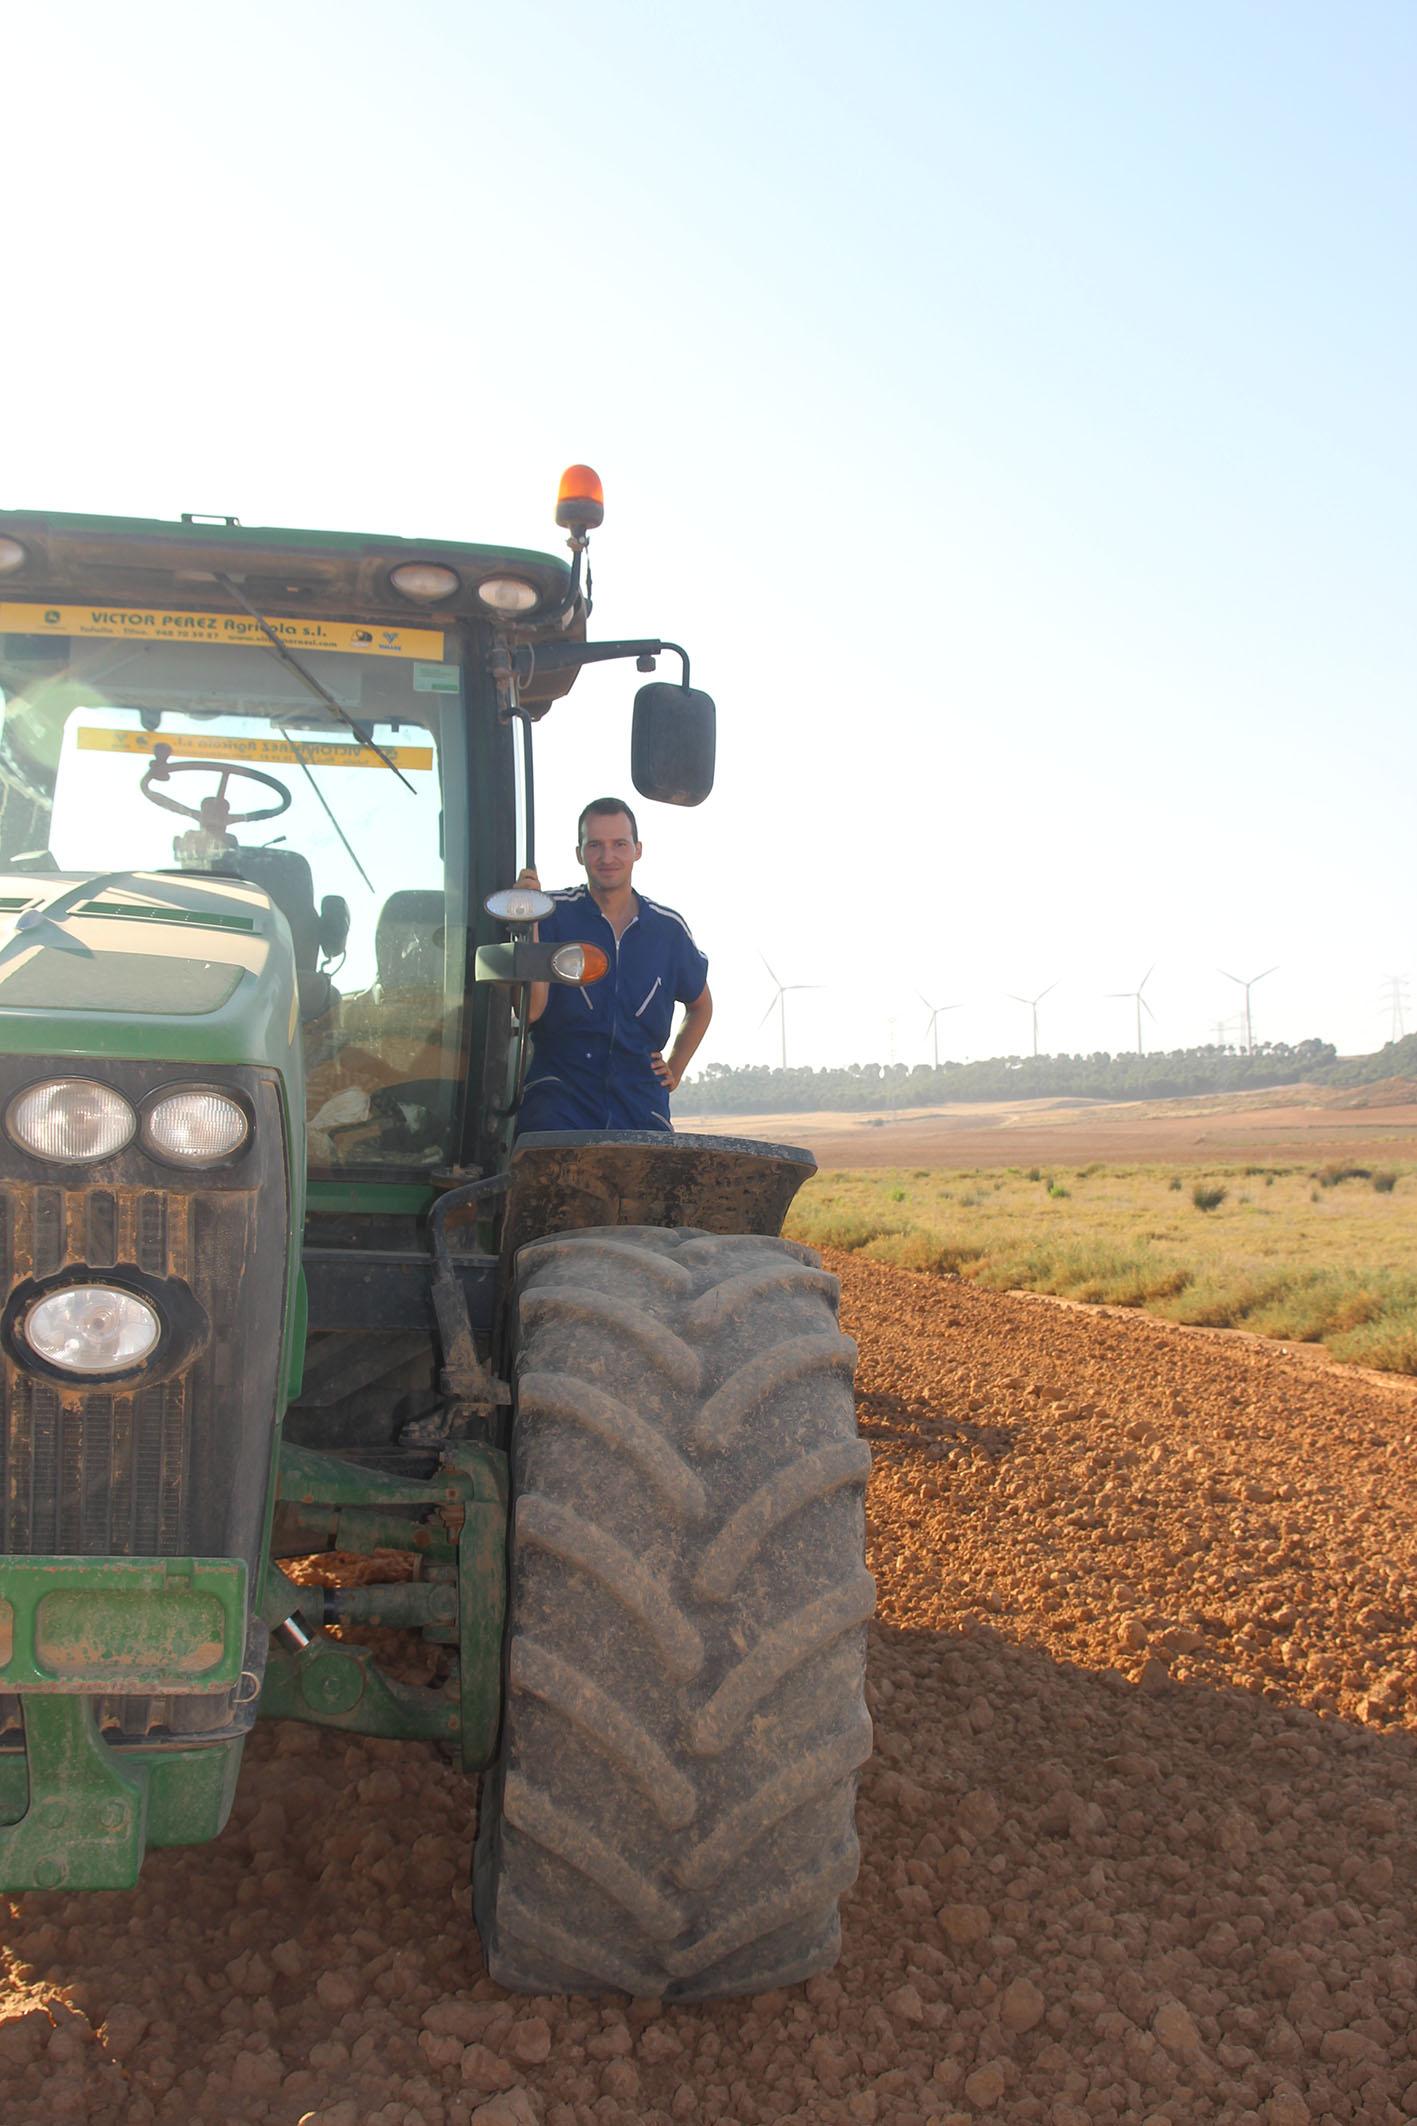 David Navarro, agricultor de Tudela y vocal de la sección de jóvenes de UAGN, será uno de los agricultores que desinfecte las calles